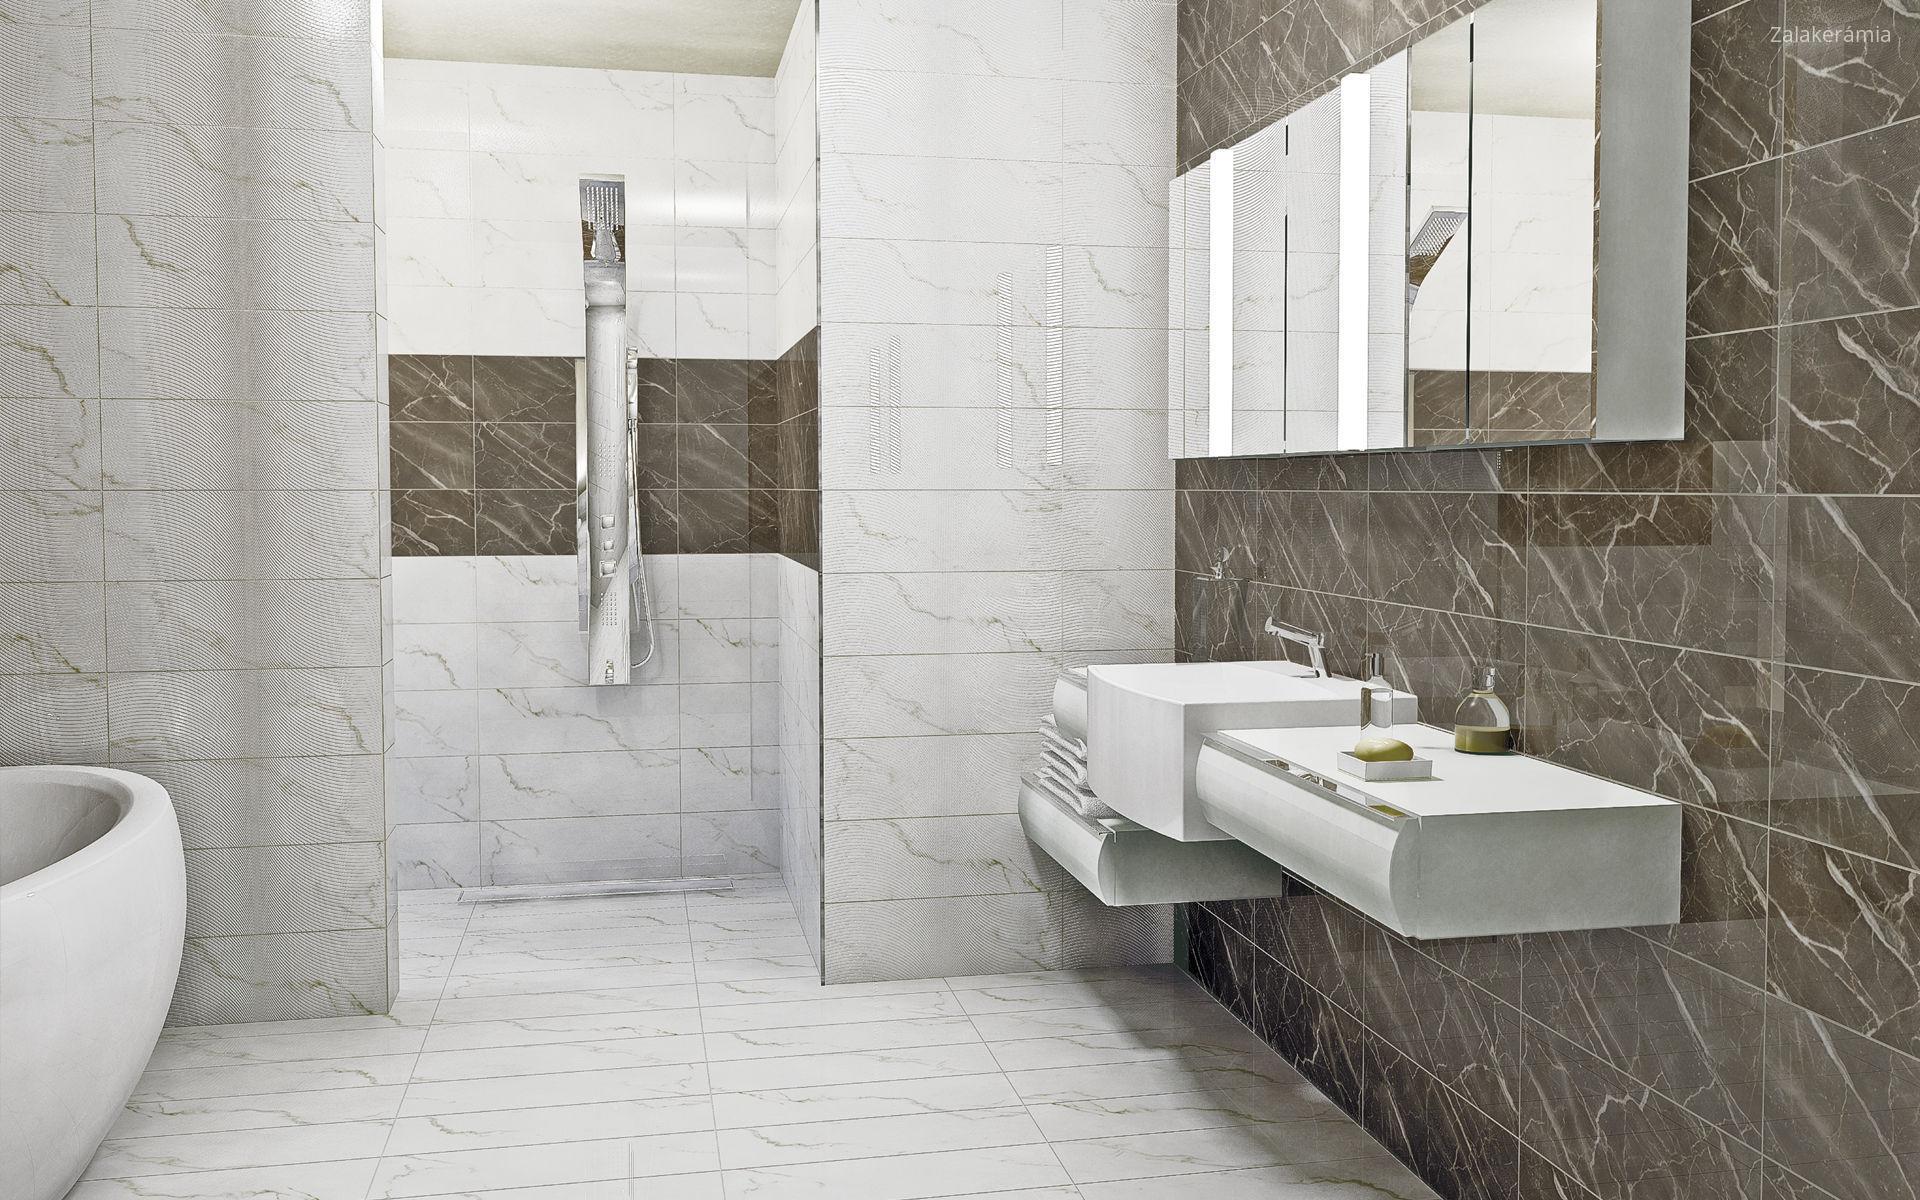 Márványmintás fürdőszoba burkolat // HOMEINFO.hu - Inspirációtár